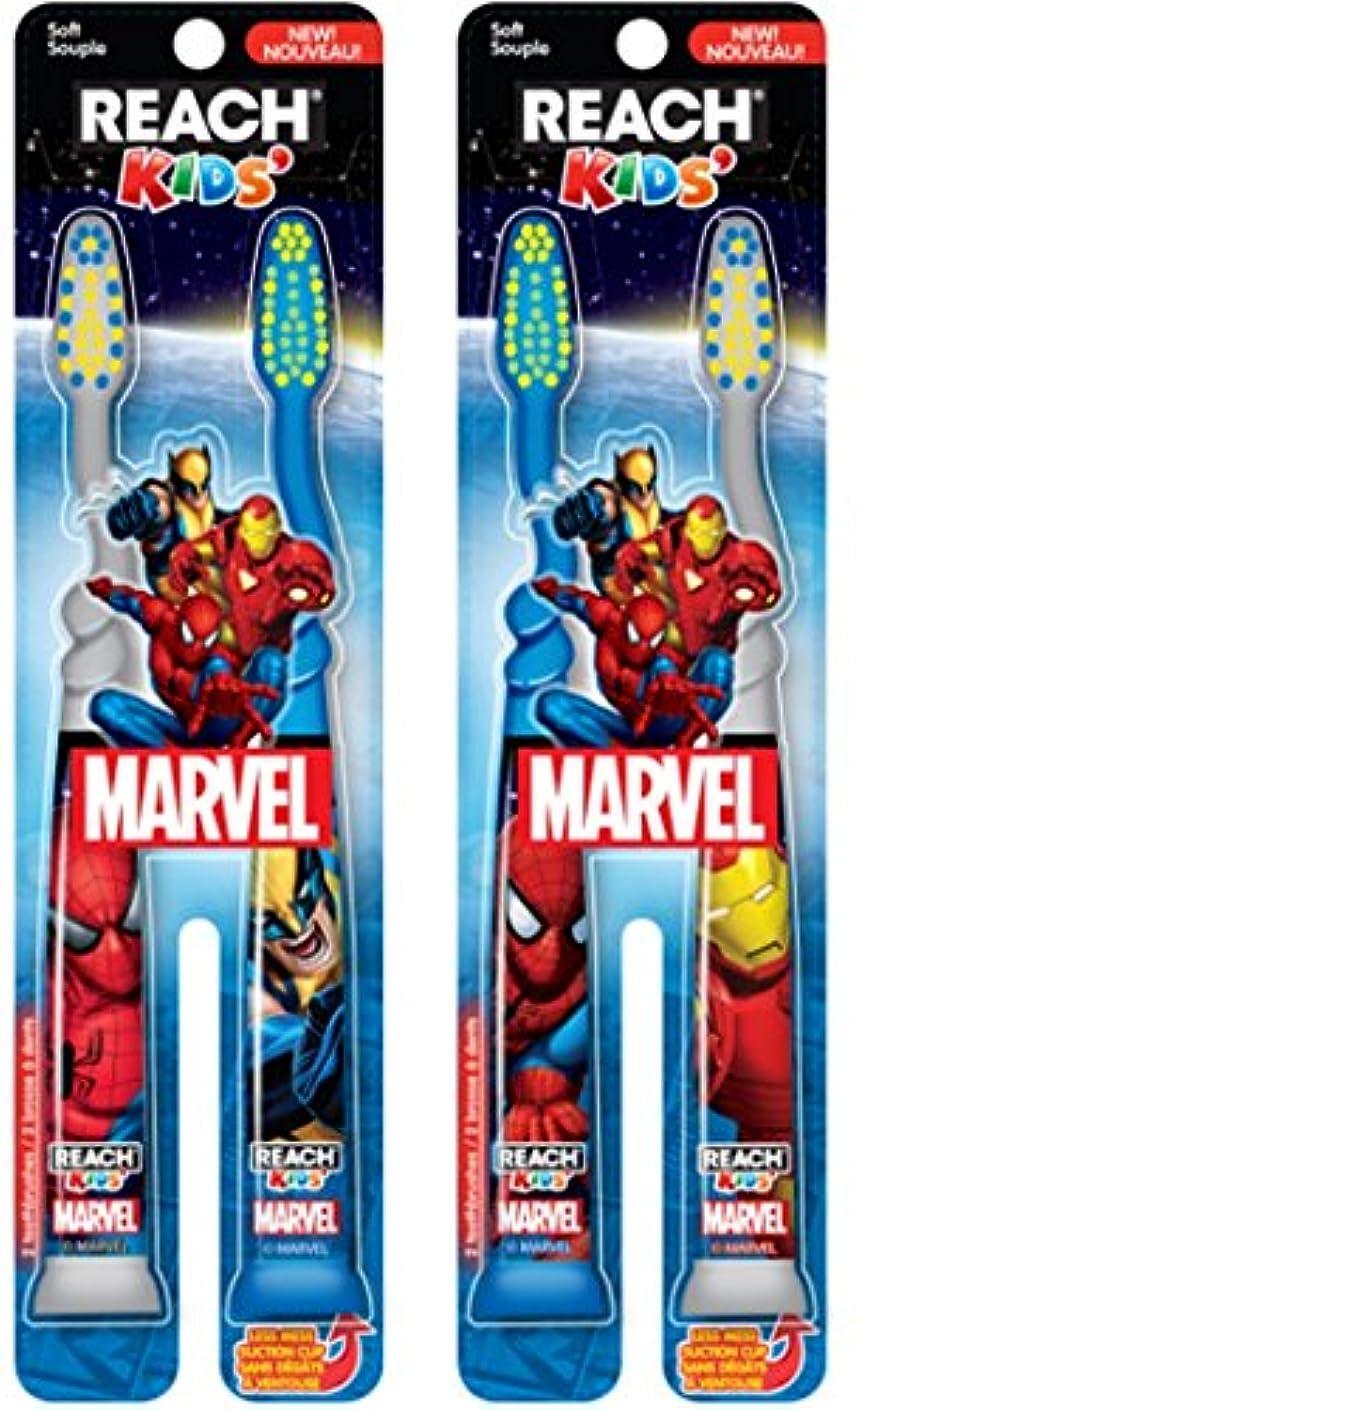 失ライオネルグリーンストリート常識Reach Kids Mavel Soft Toothbrush, 2 Count by Reach